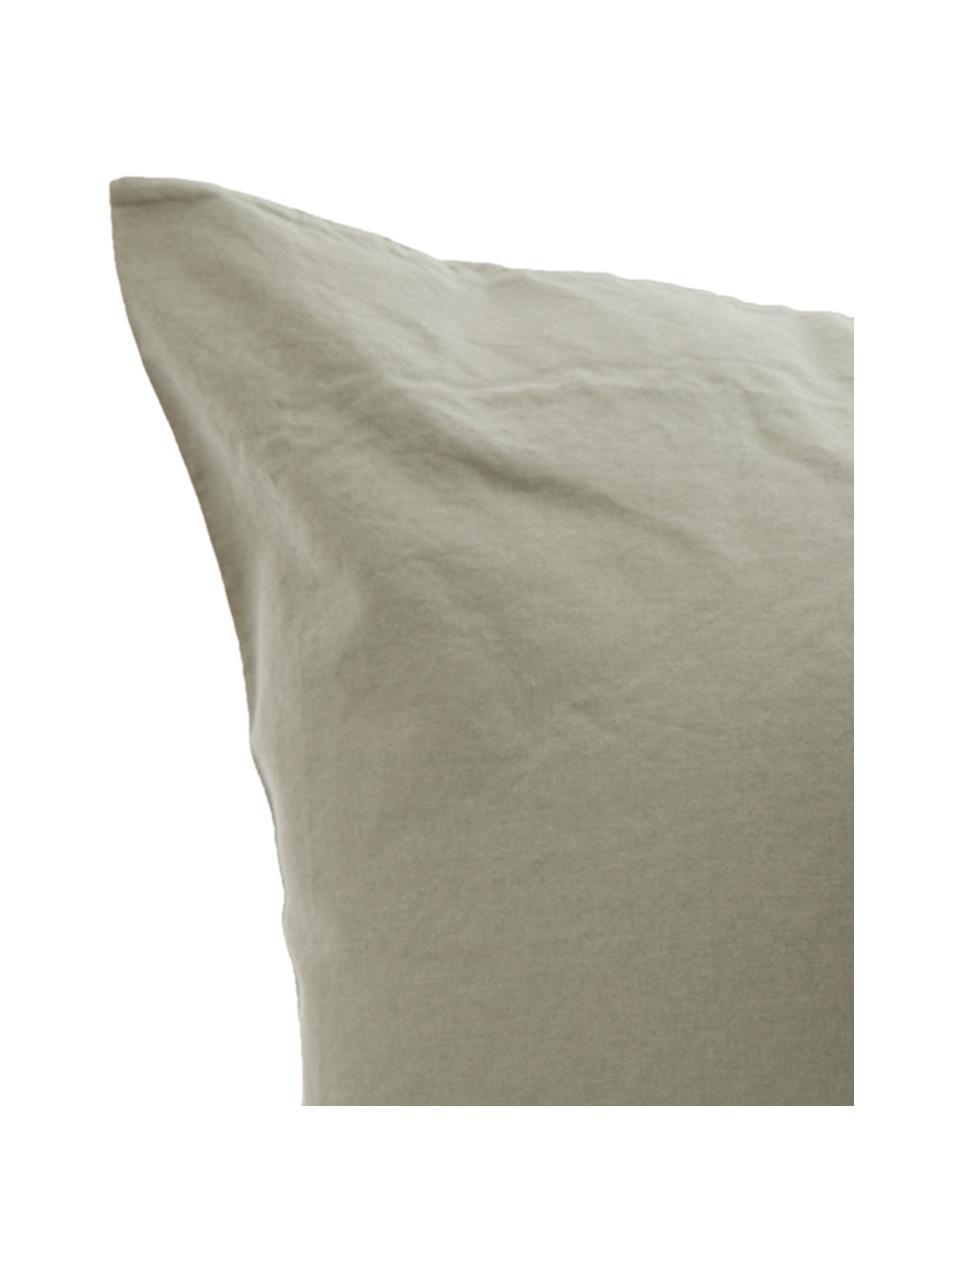 Parure copripiumino in cotone effetto stone washed Velle, Tessuto: cotone ranforce, Fronte e retro: verde reseda, 155 x 200 cm + 1 federa 50 x 80 cm